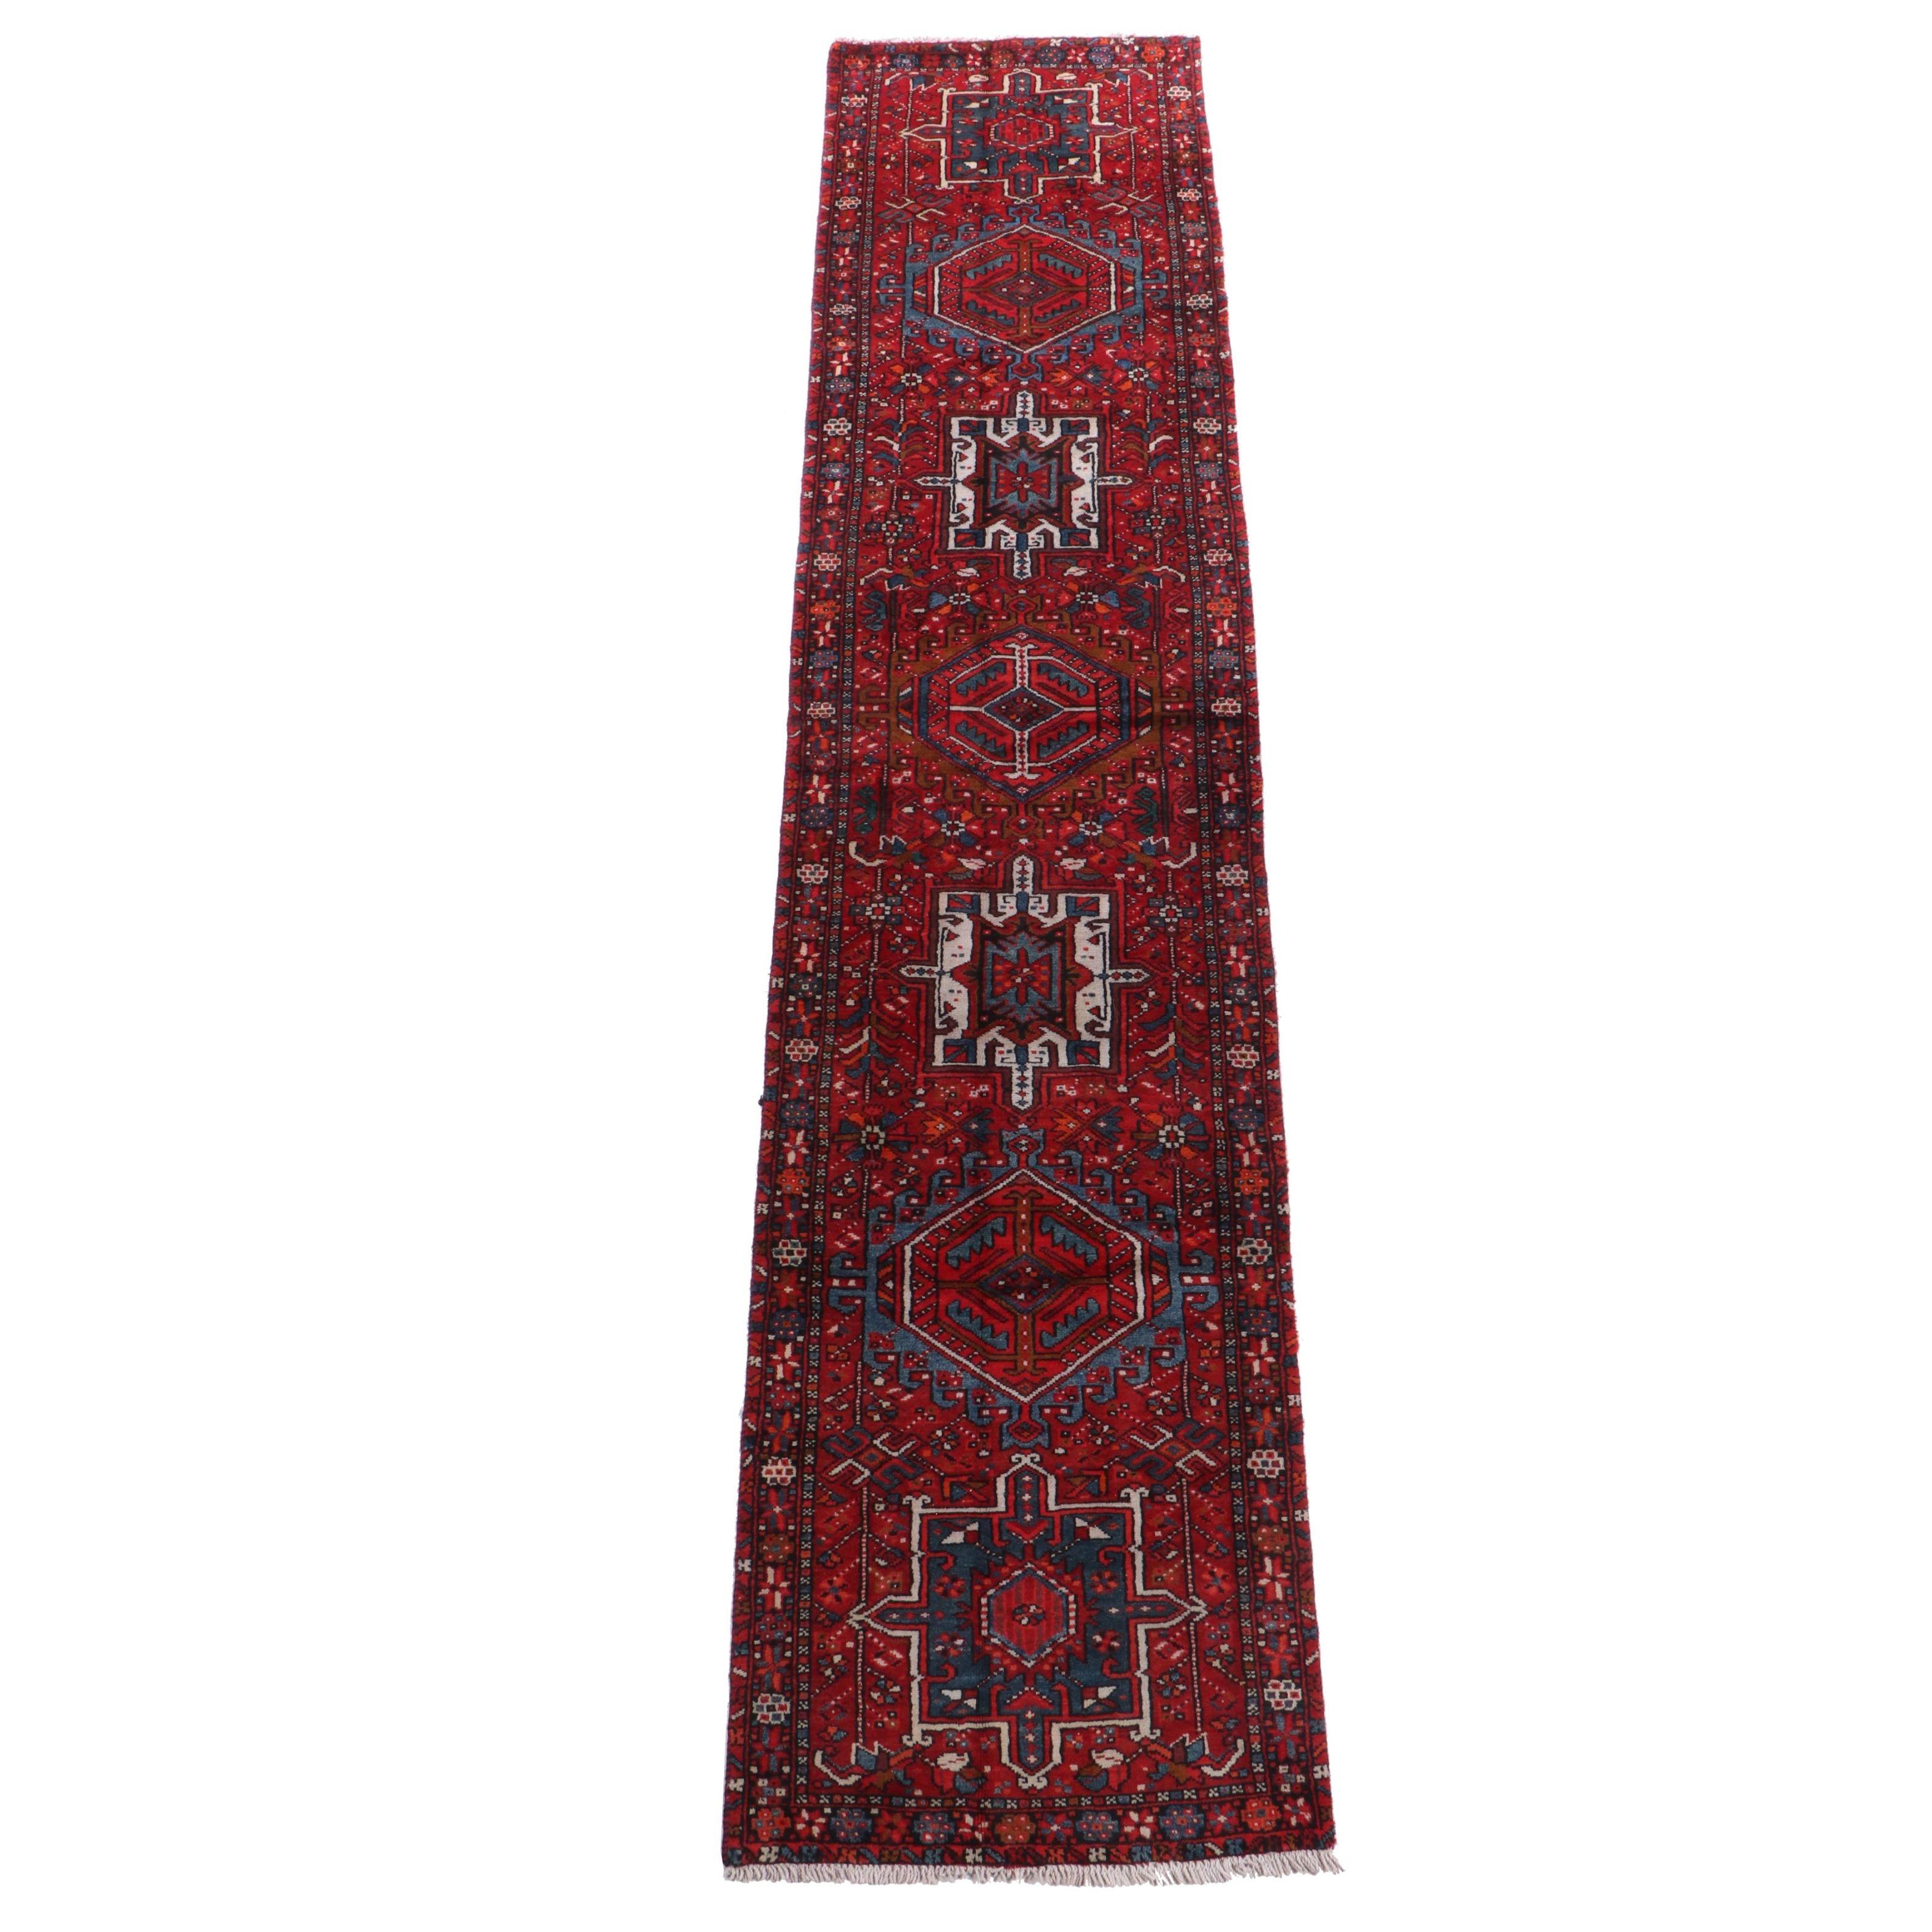 Hand-Knotted Persian Lamberan Wool Carpet Runner